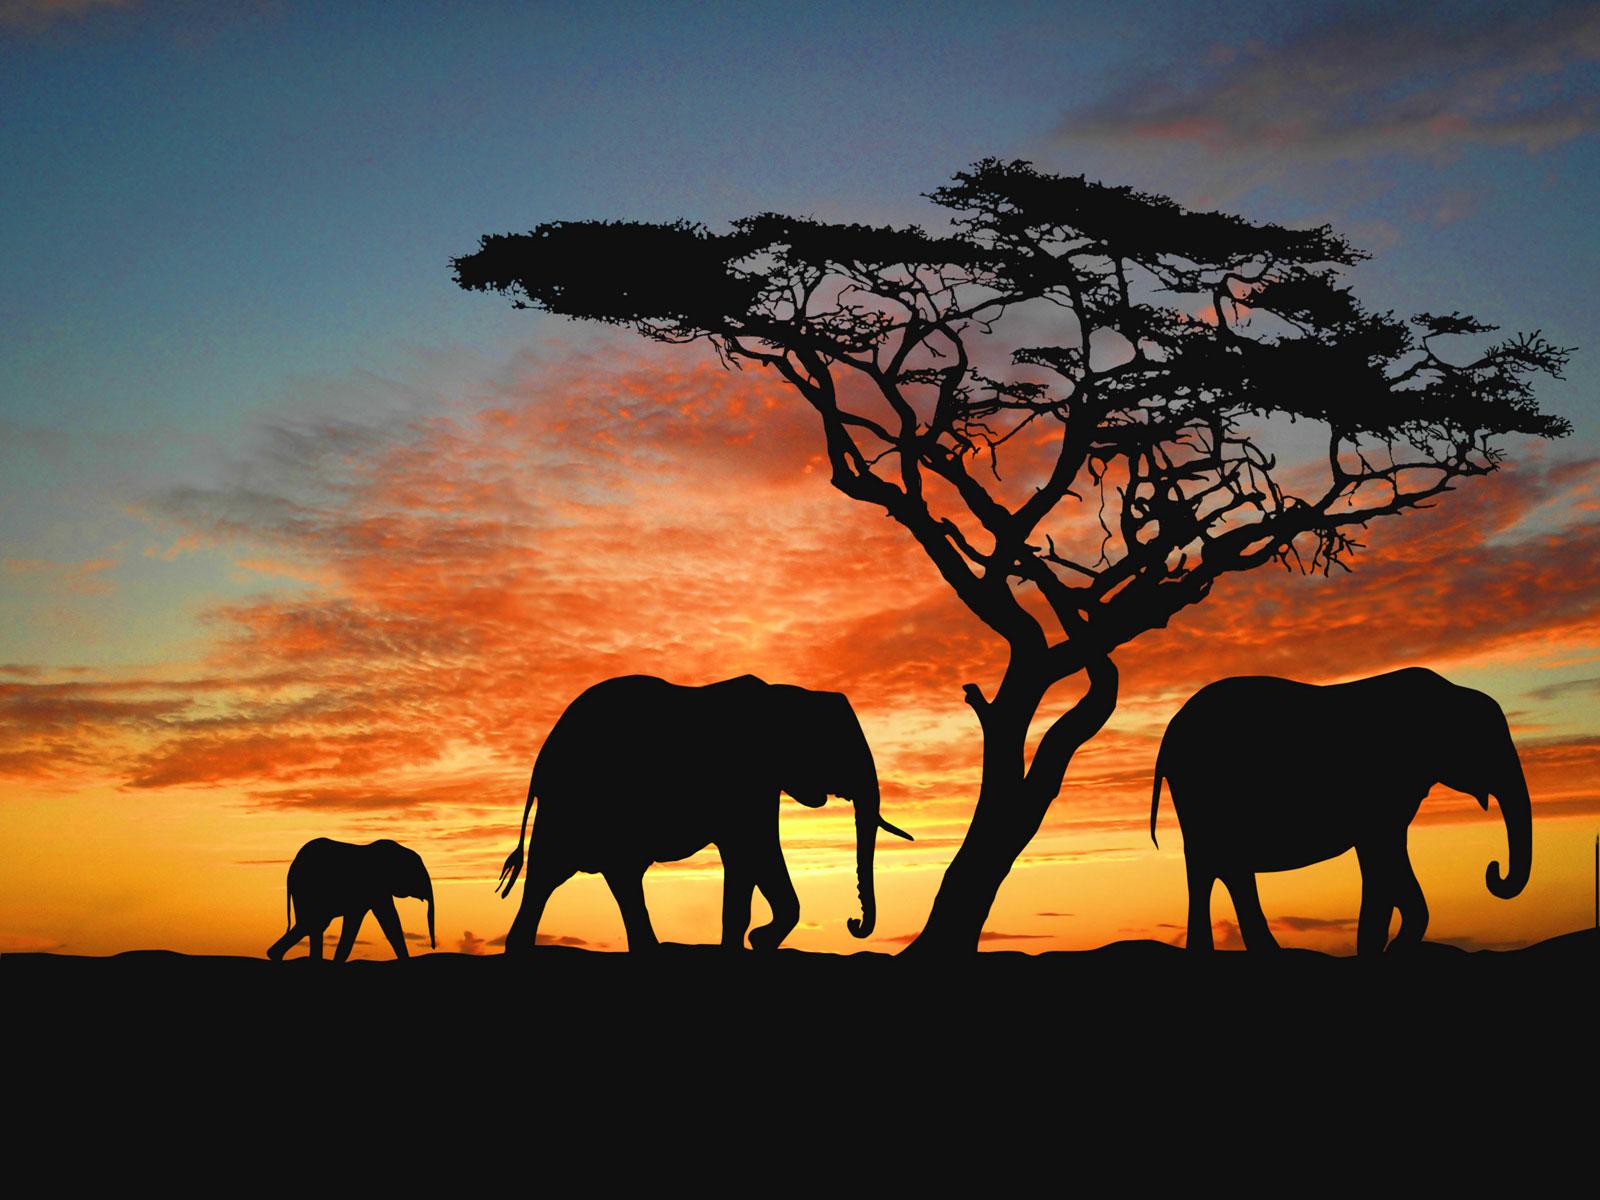 Elephant Voyage - Elephant Safari in Jaipur, India | Scenic Photos ...